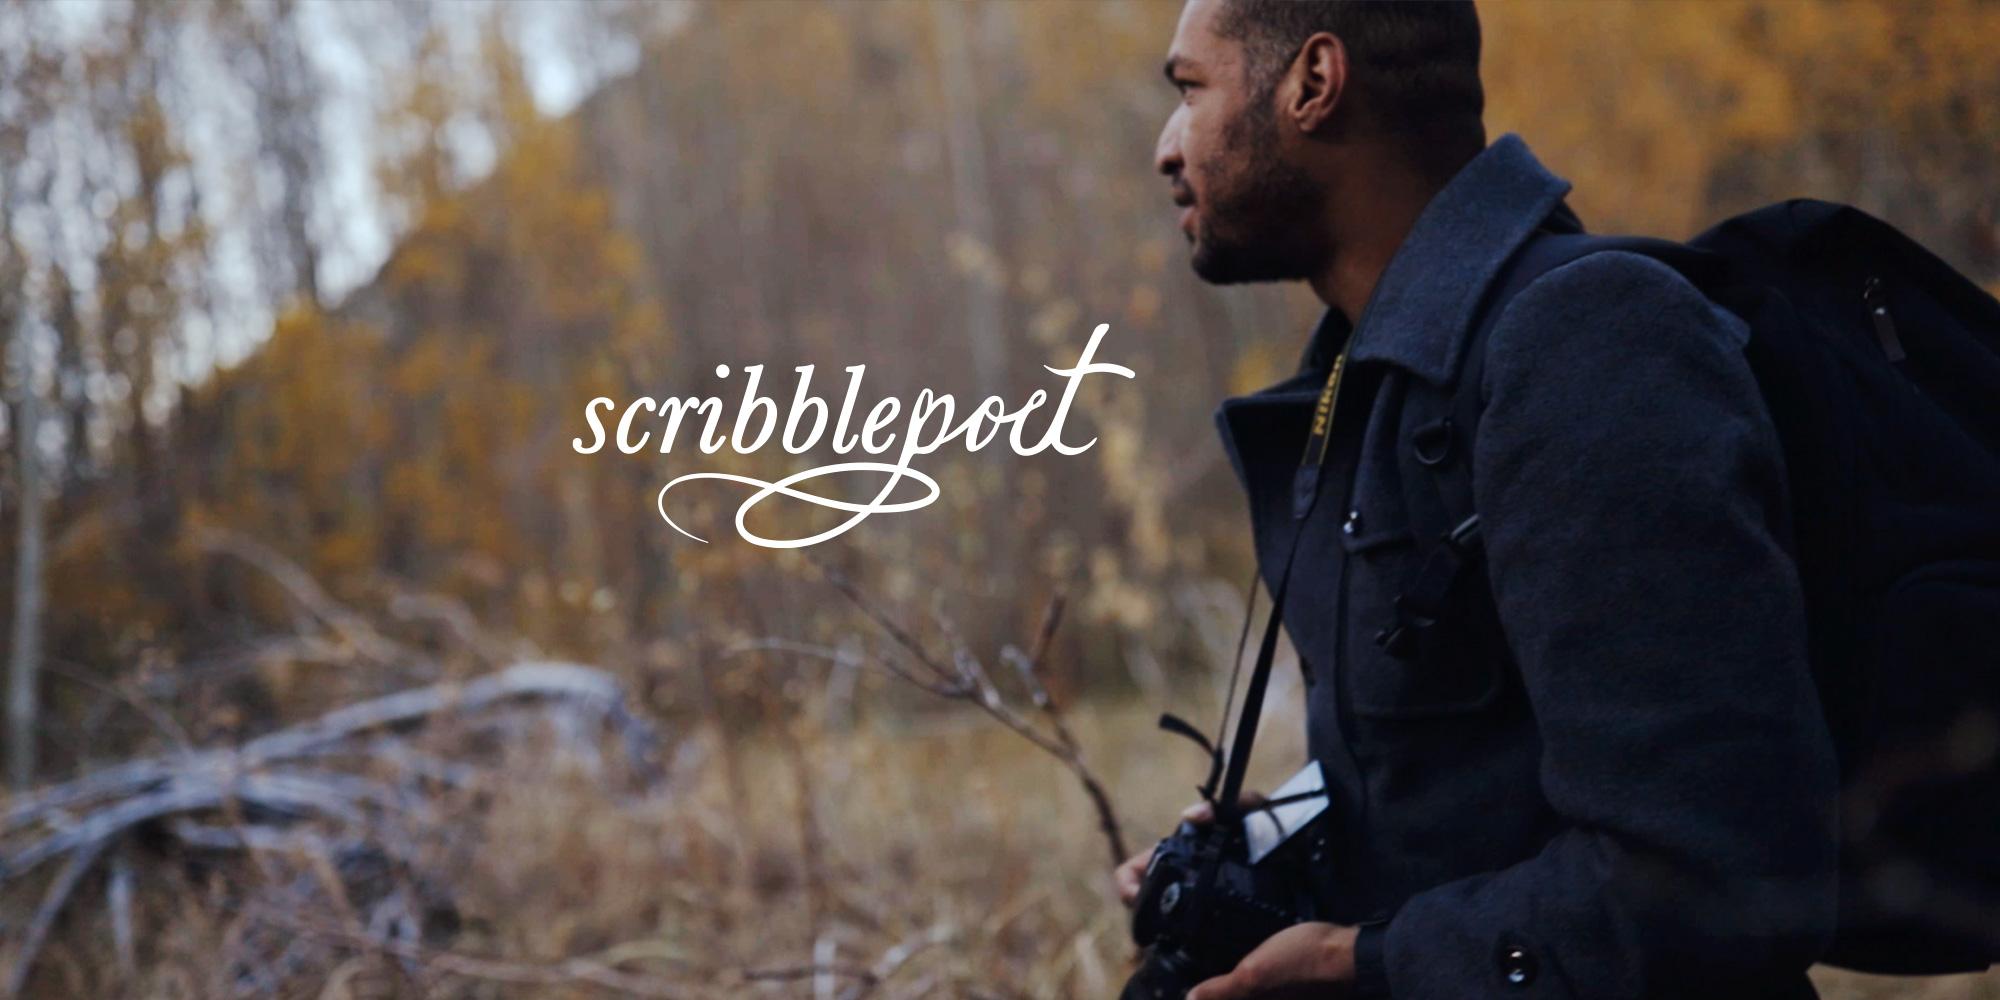 Scribblepoet